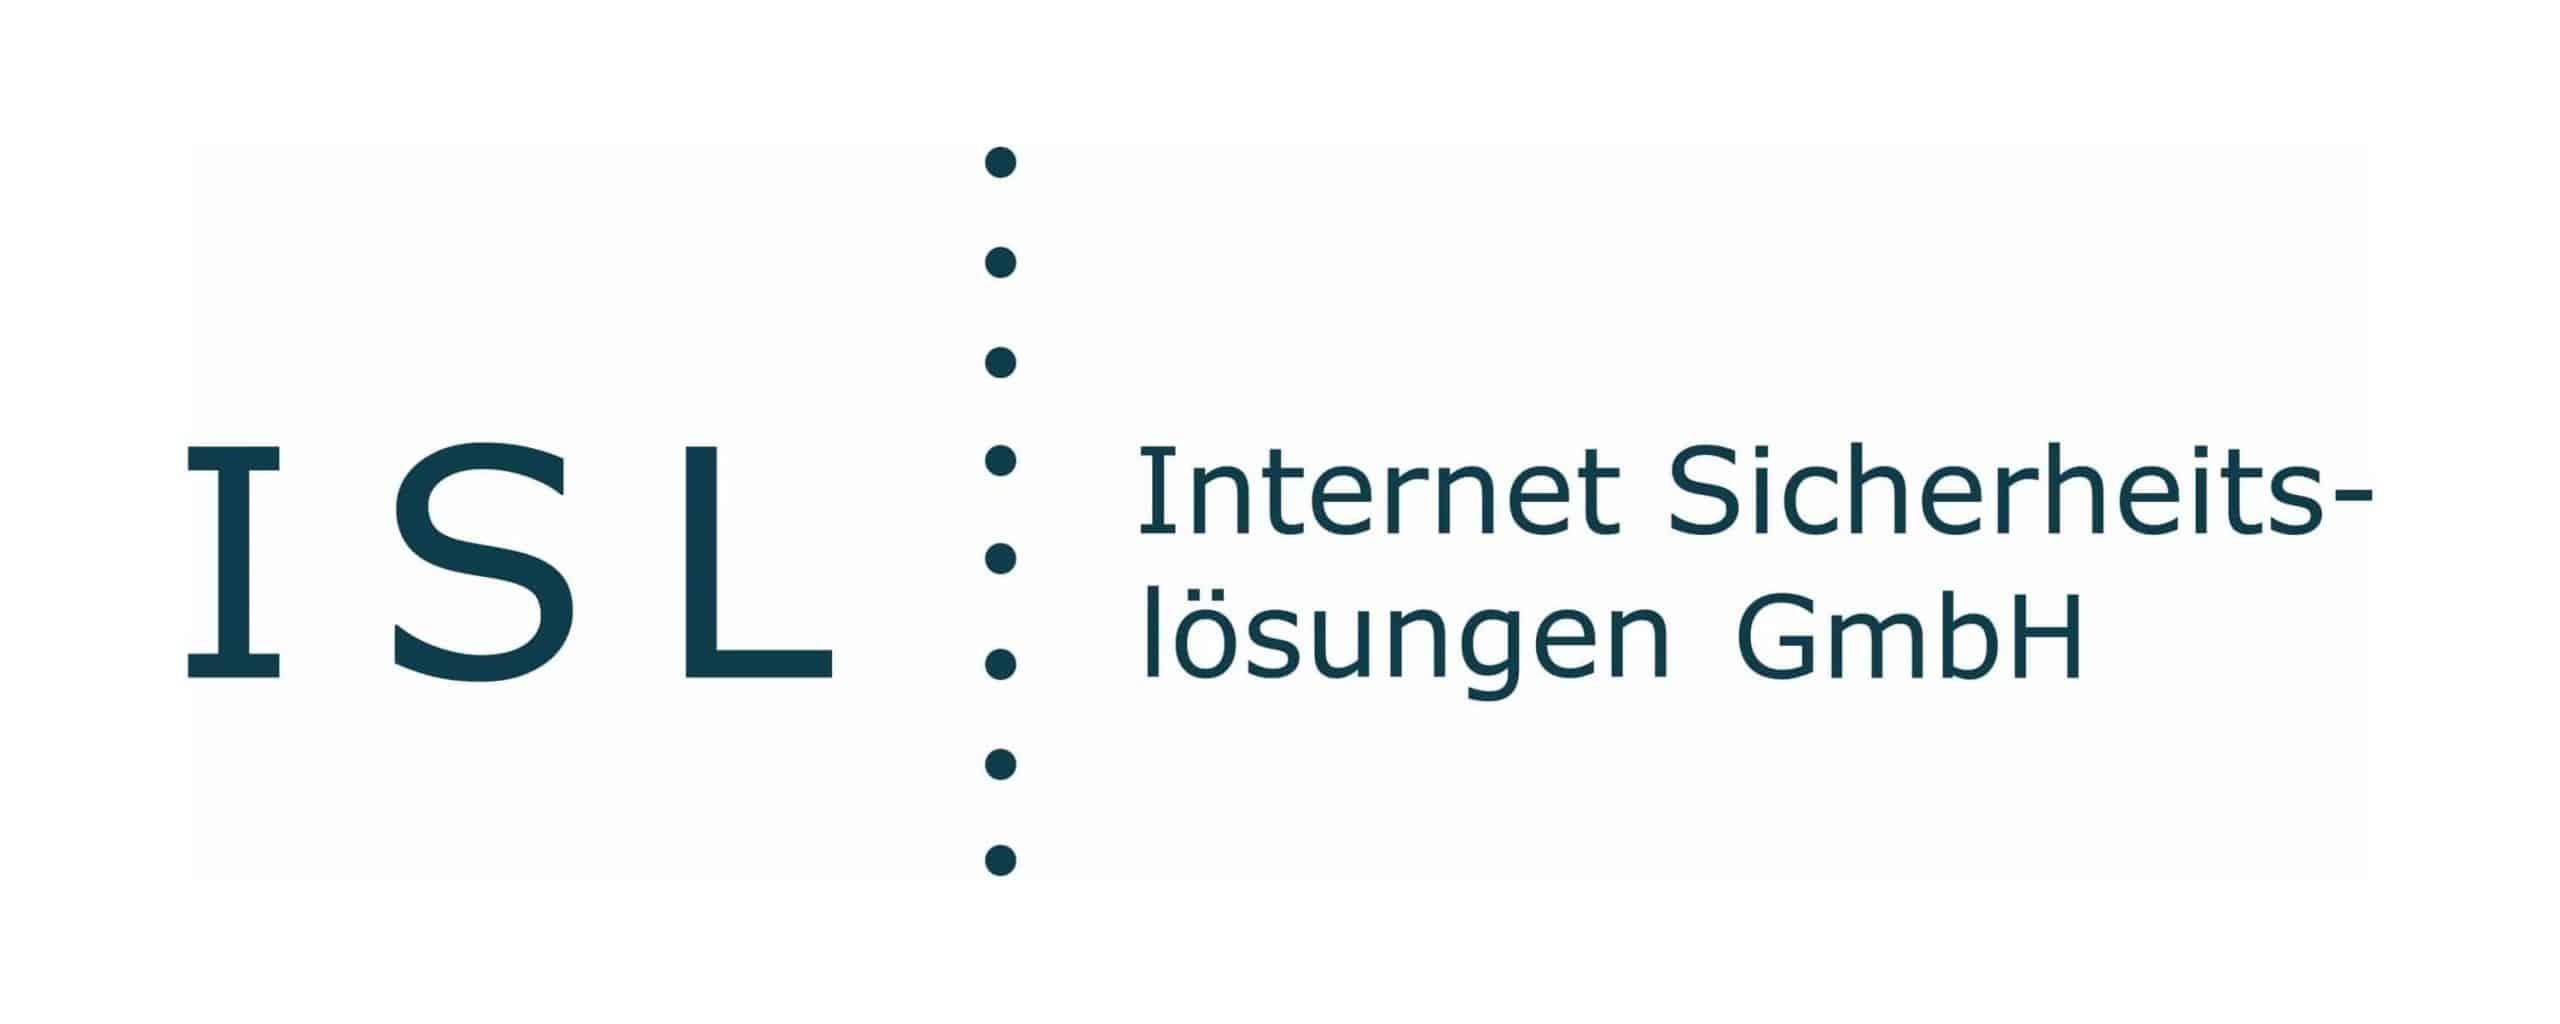 ISL Internet Sicherheitslösungen GmbH